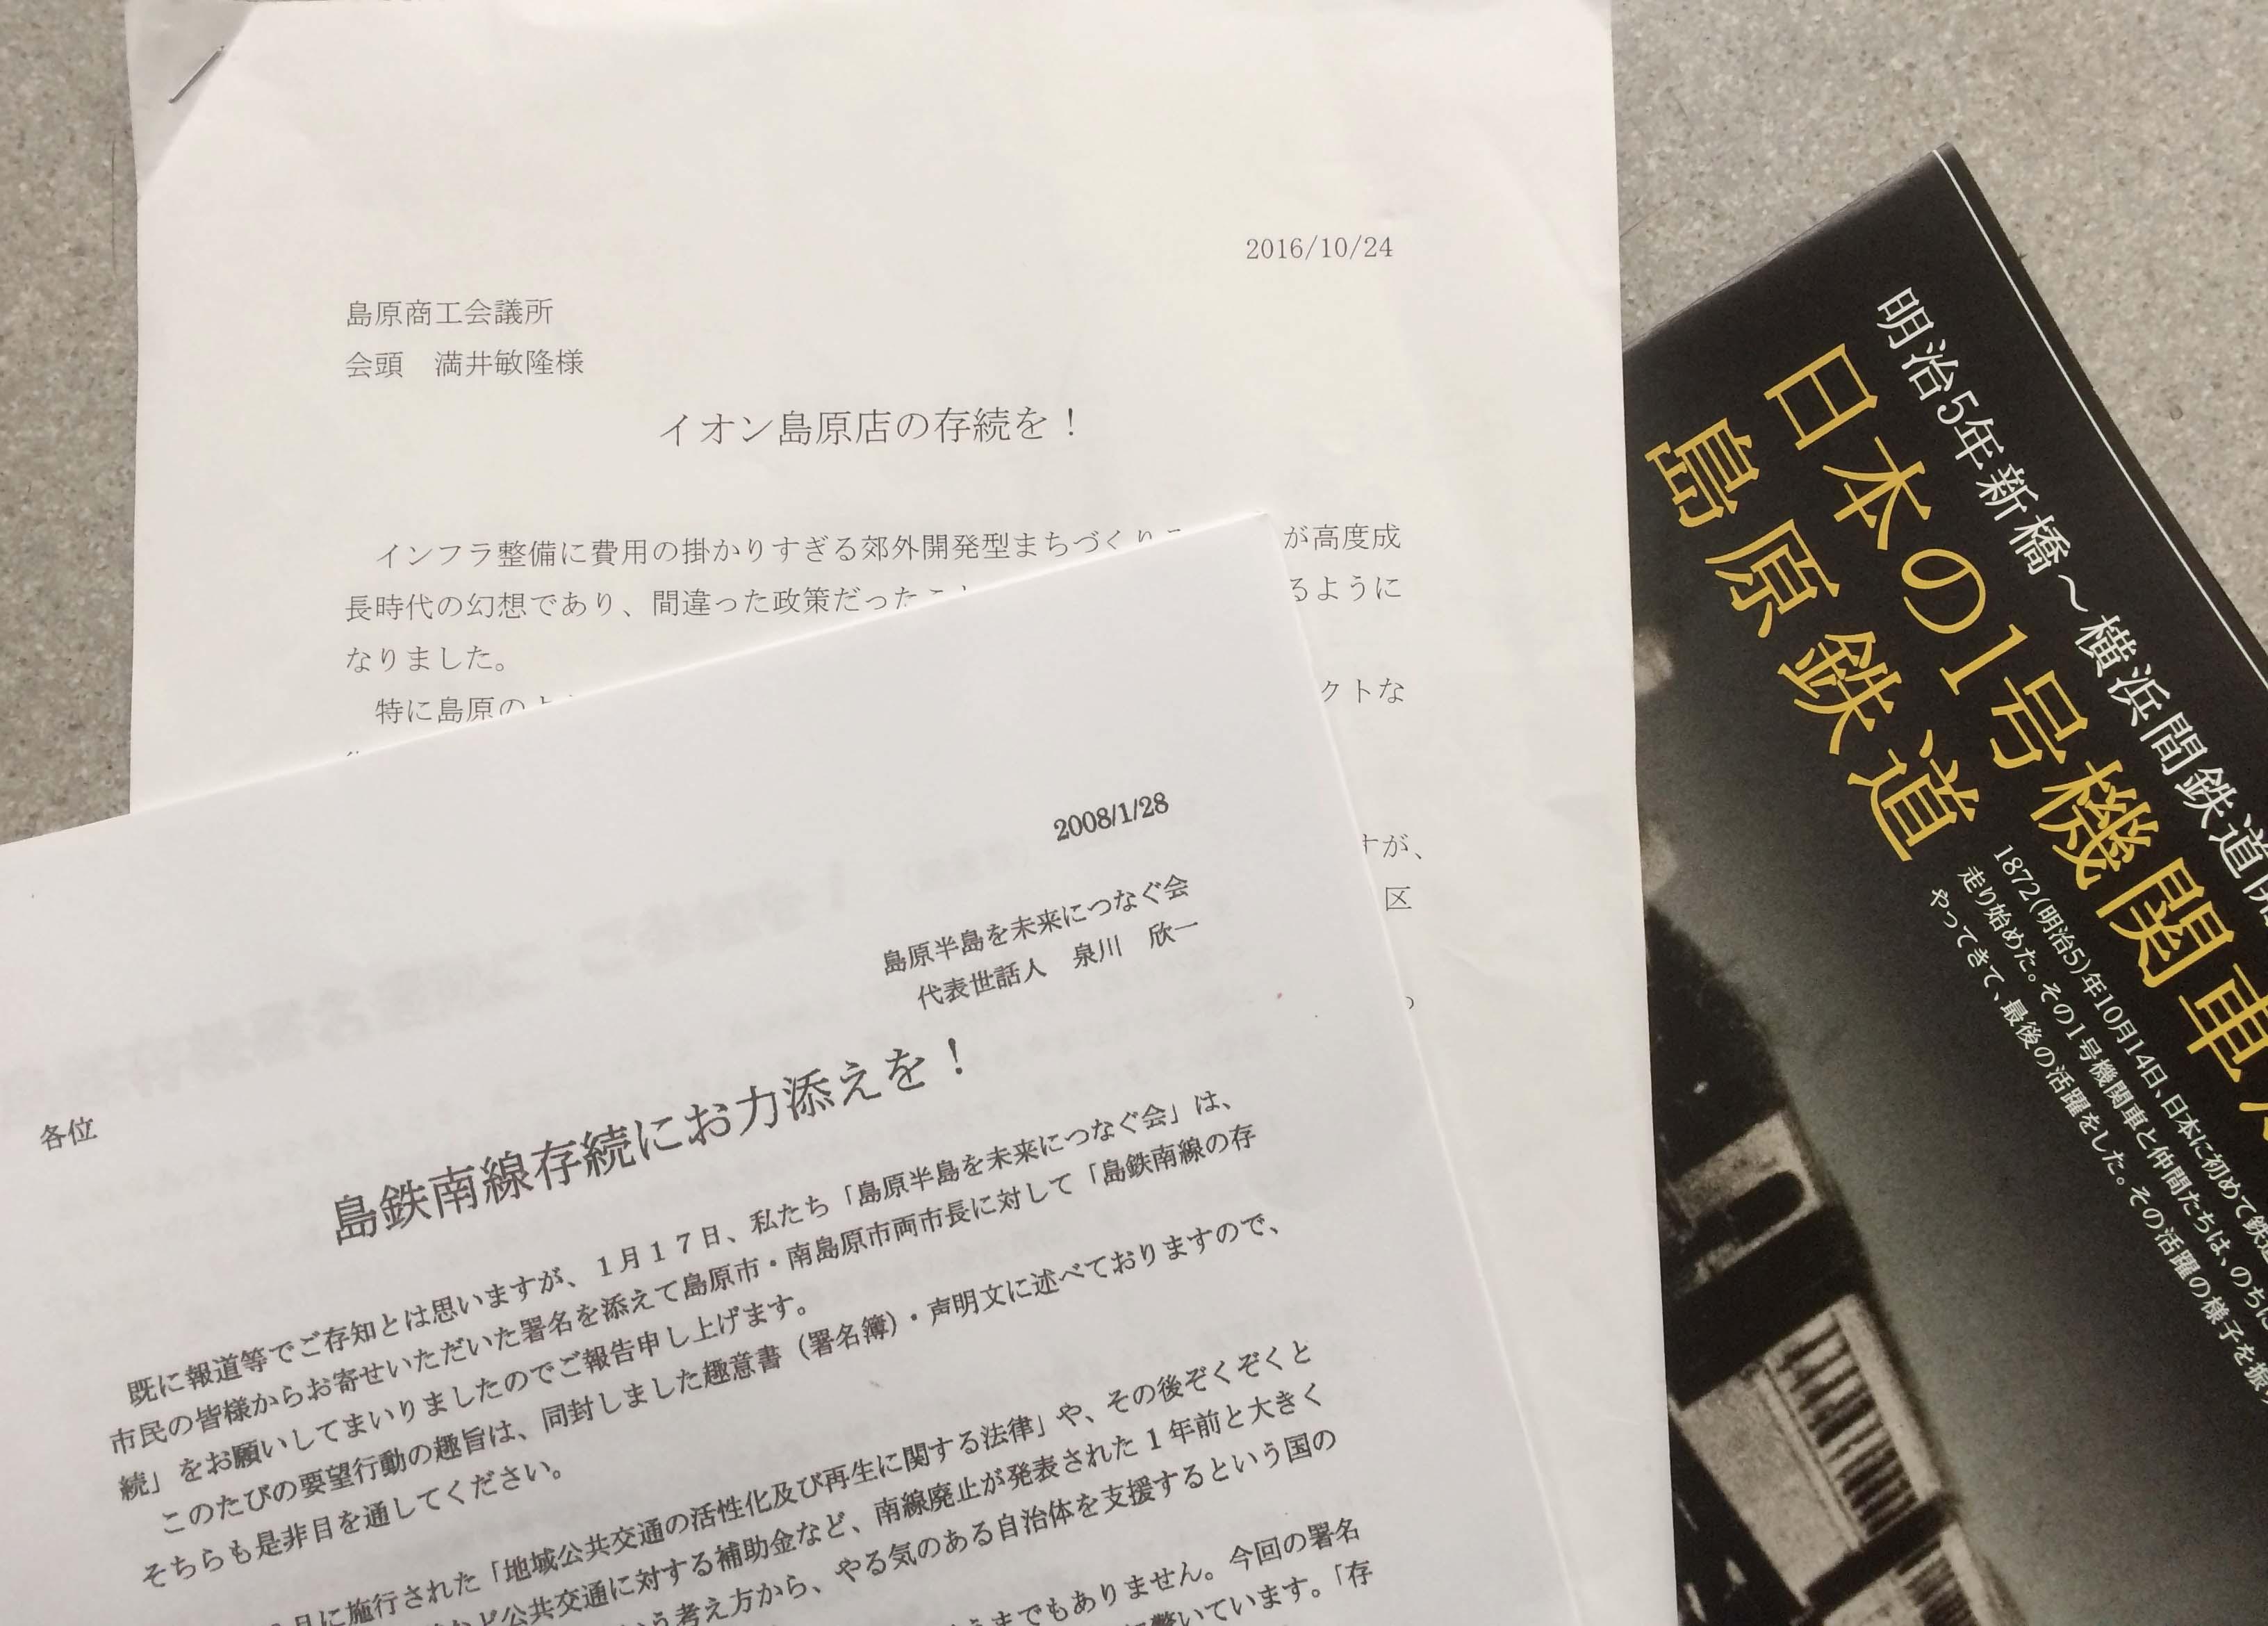 イオン島原店の存続を!_c0052876_19462740.jpg